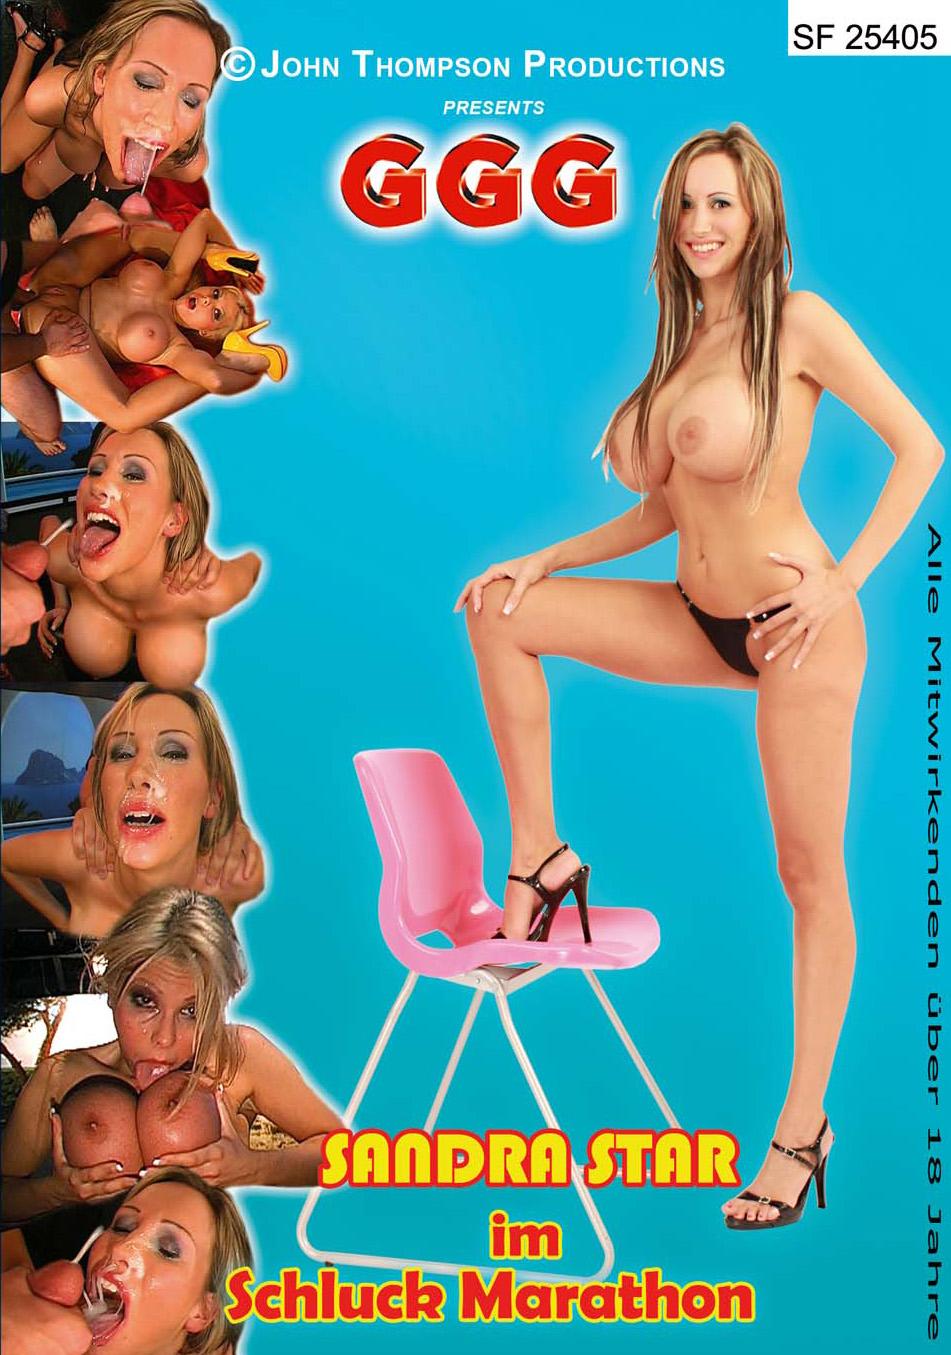 Смотреть порнуху от ggg 17 фотография